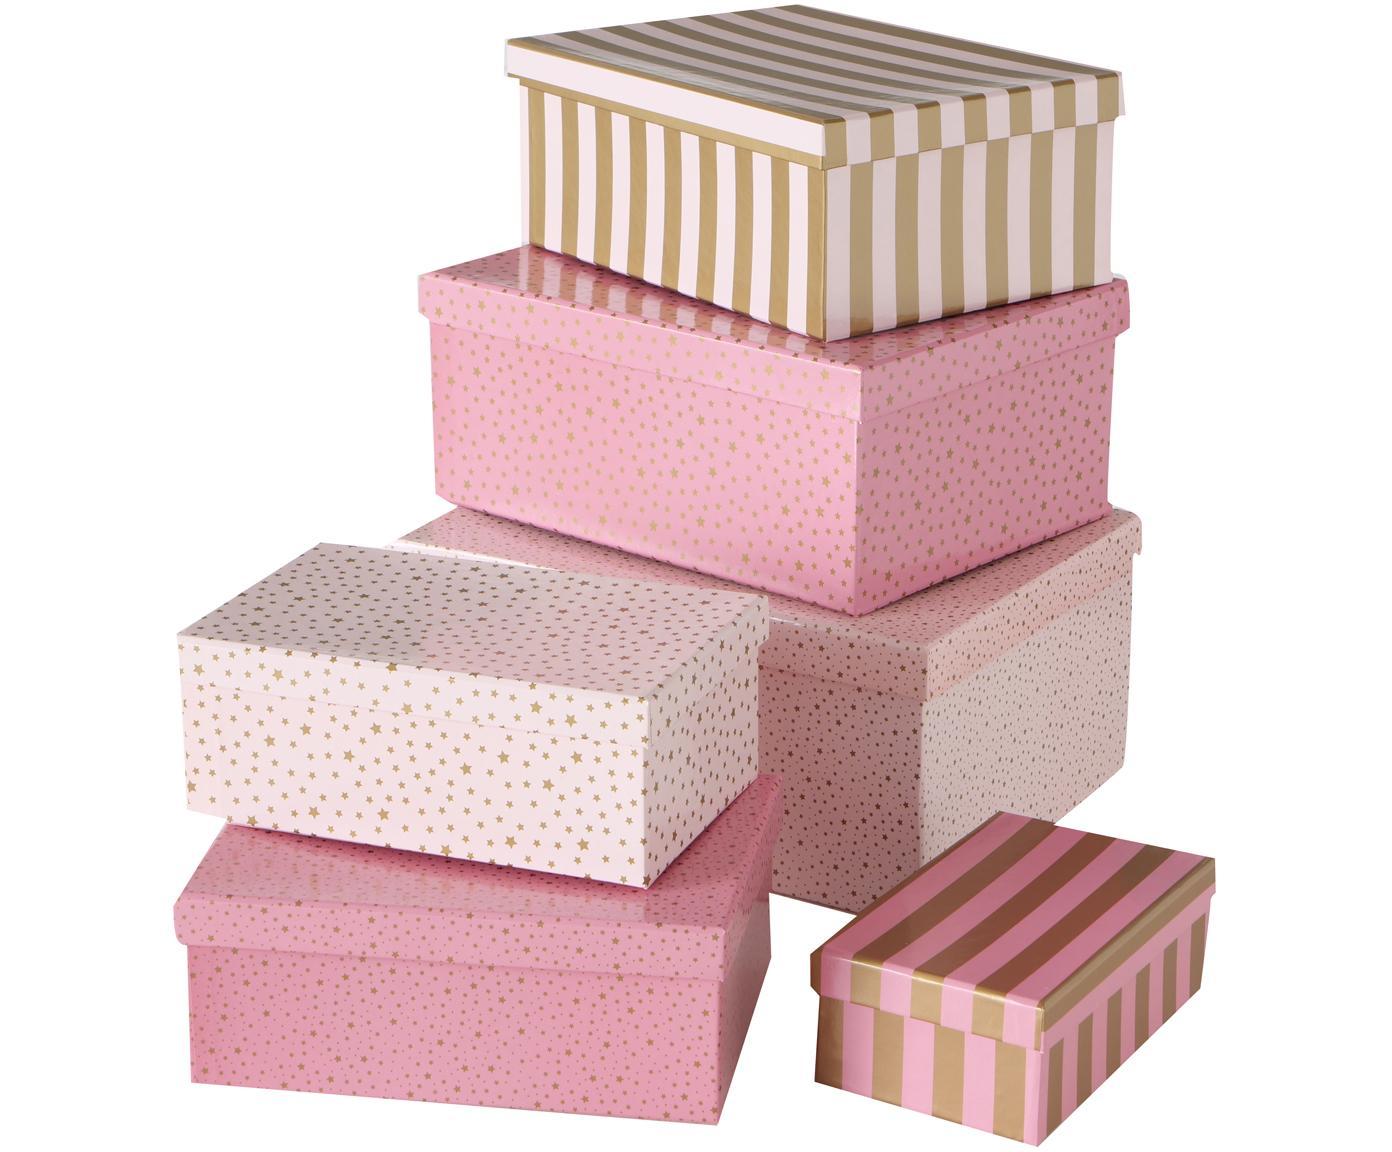 Set de cajas regalo Marit, 6pzas., Papel, Tonos rosas, dorado, Tamaños diferentes